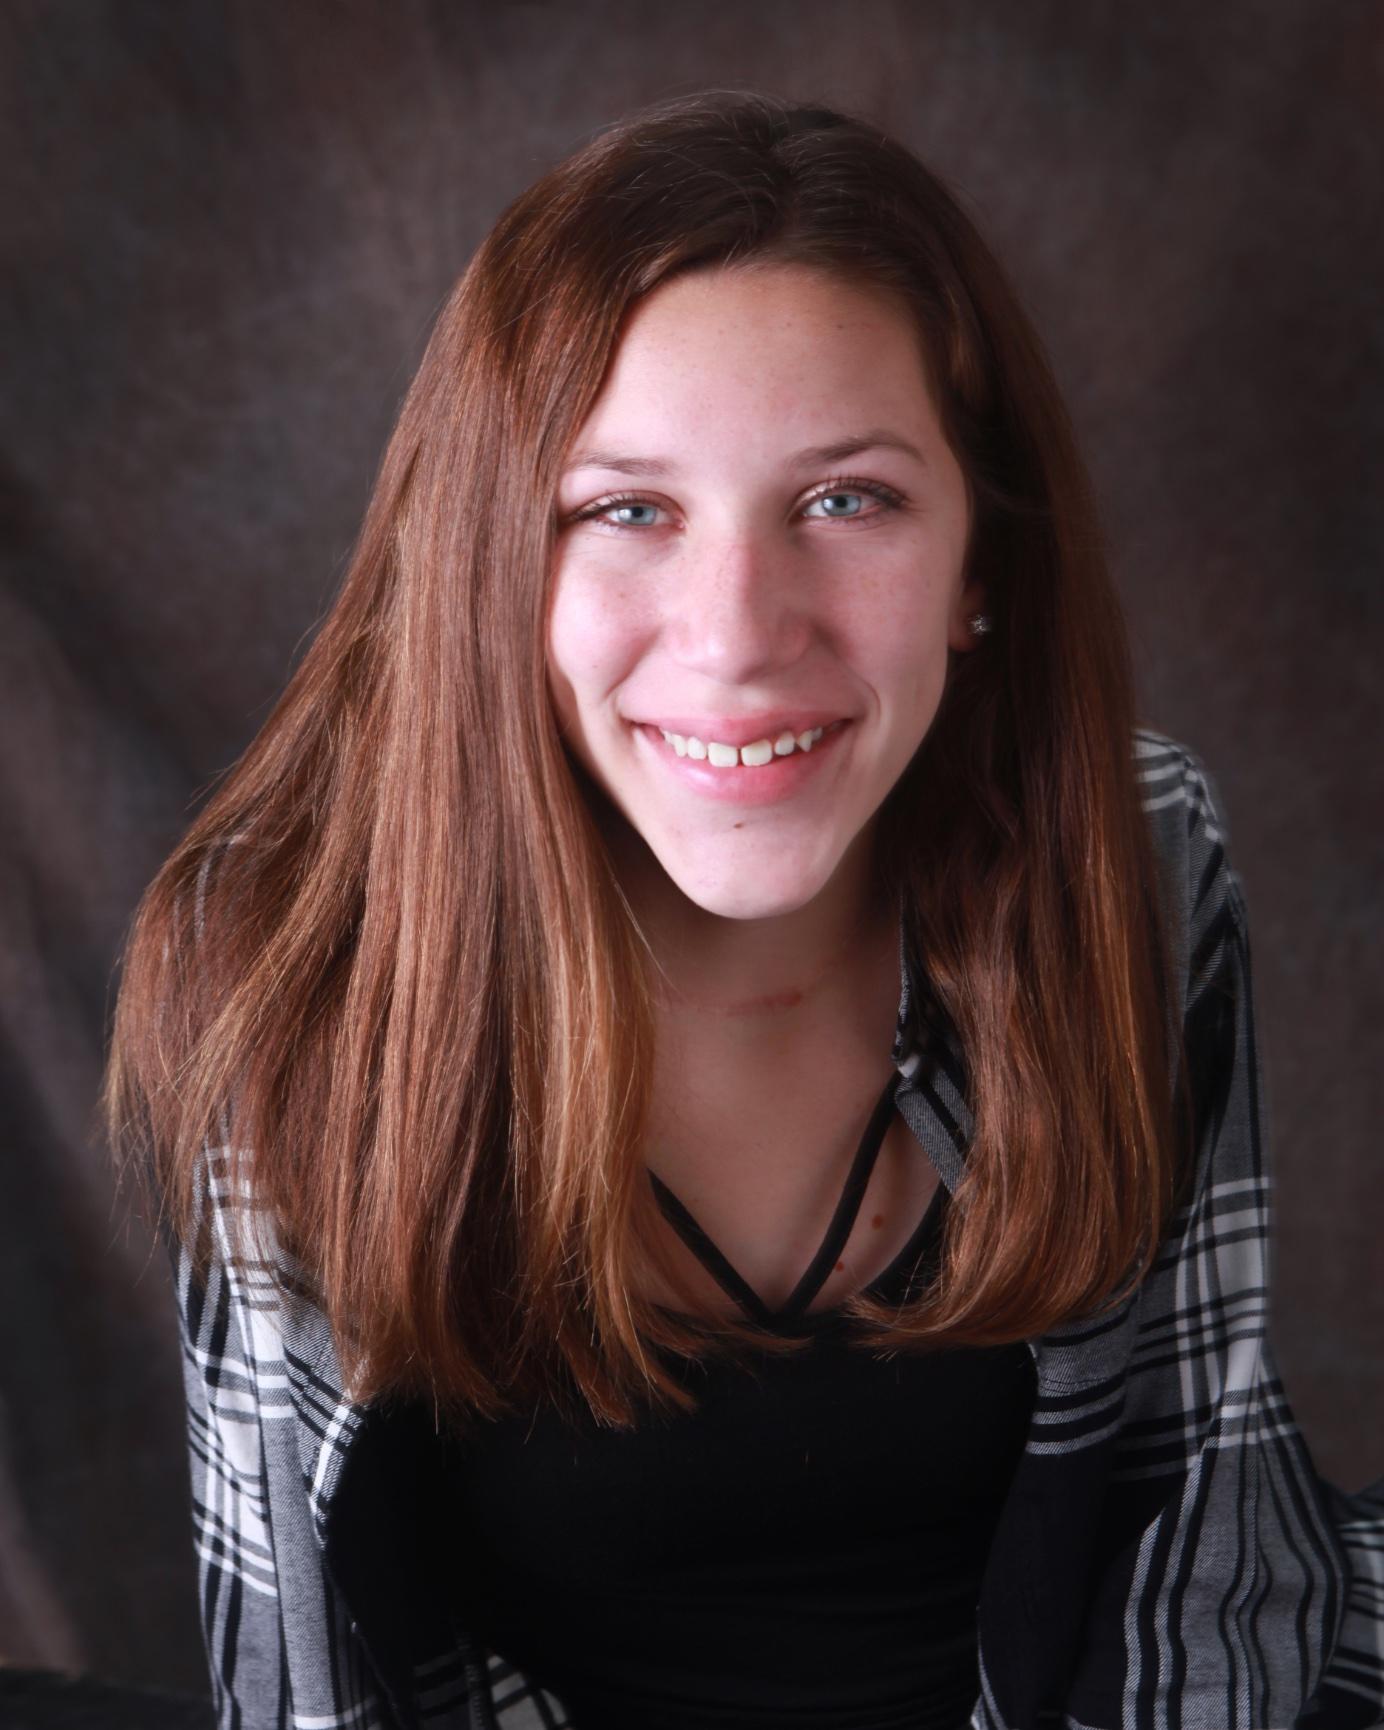 Jayla GlenN, 15, Sulphur Springs